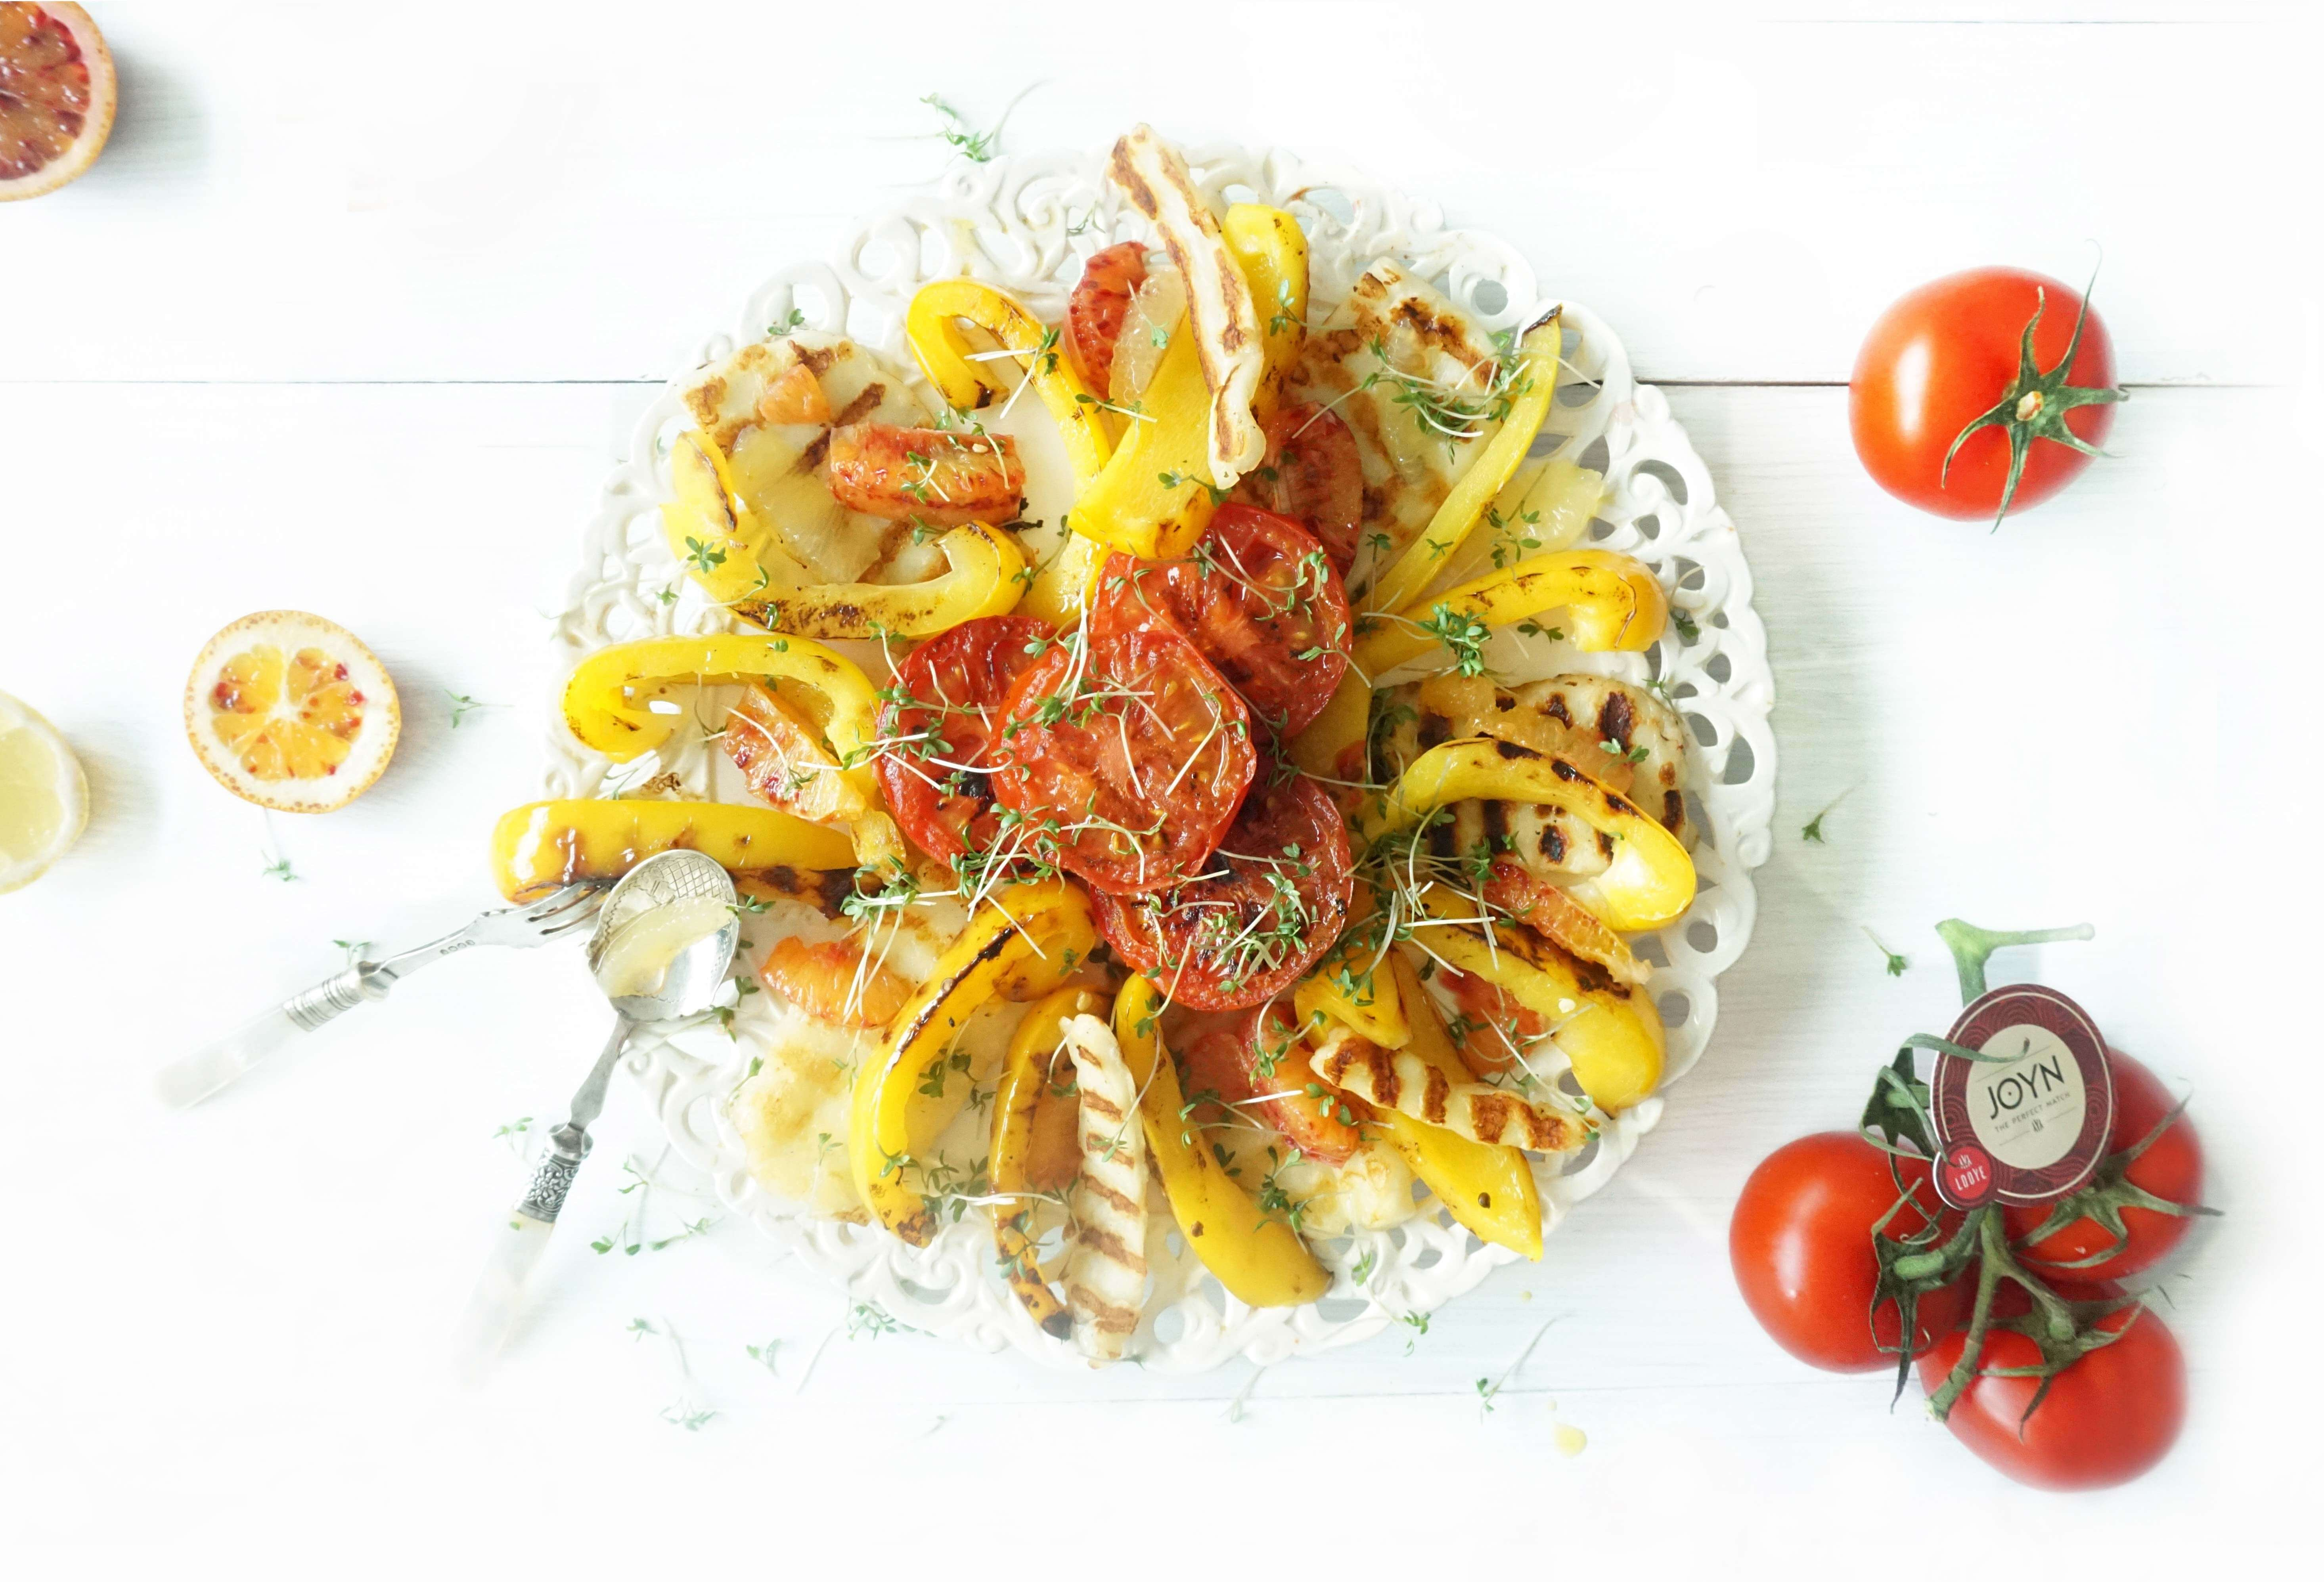 Salade van JOYN tomaten met halloumi, paprika en bloedsinaasappel